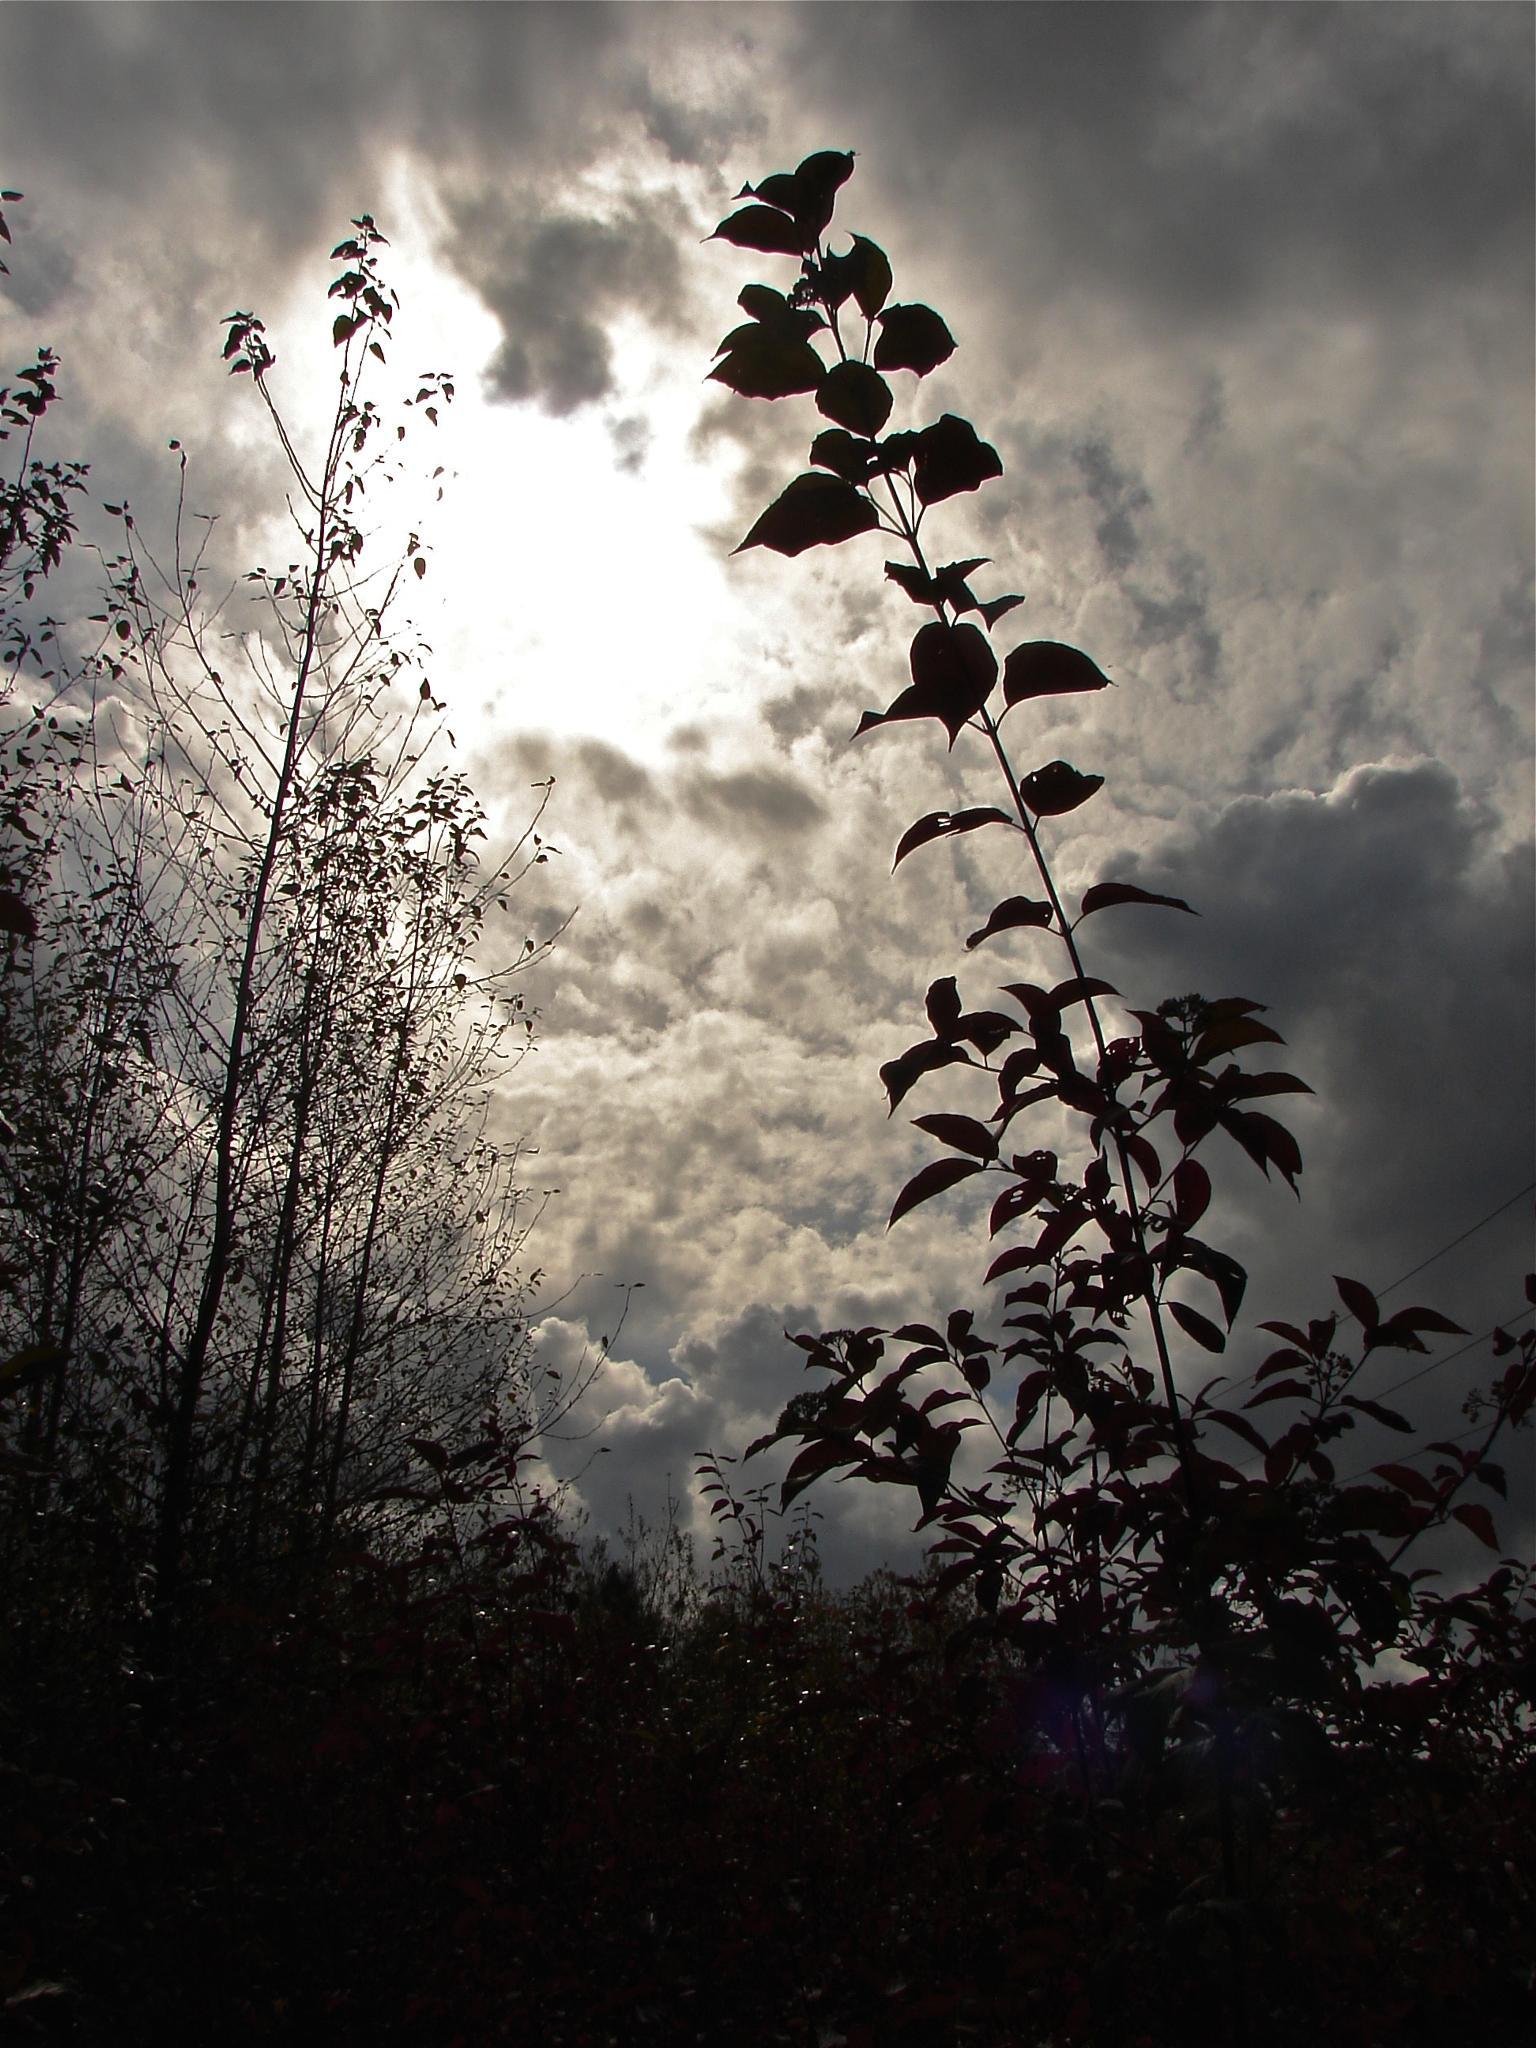 Sunburst 1 by MelanieAnnePhillips